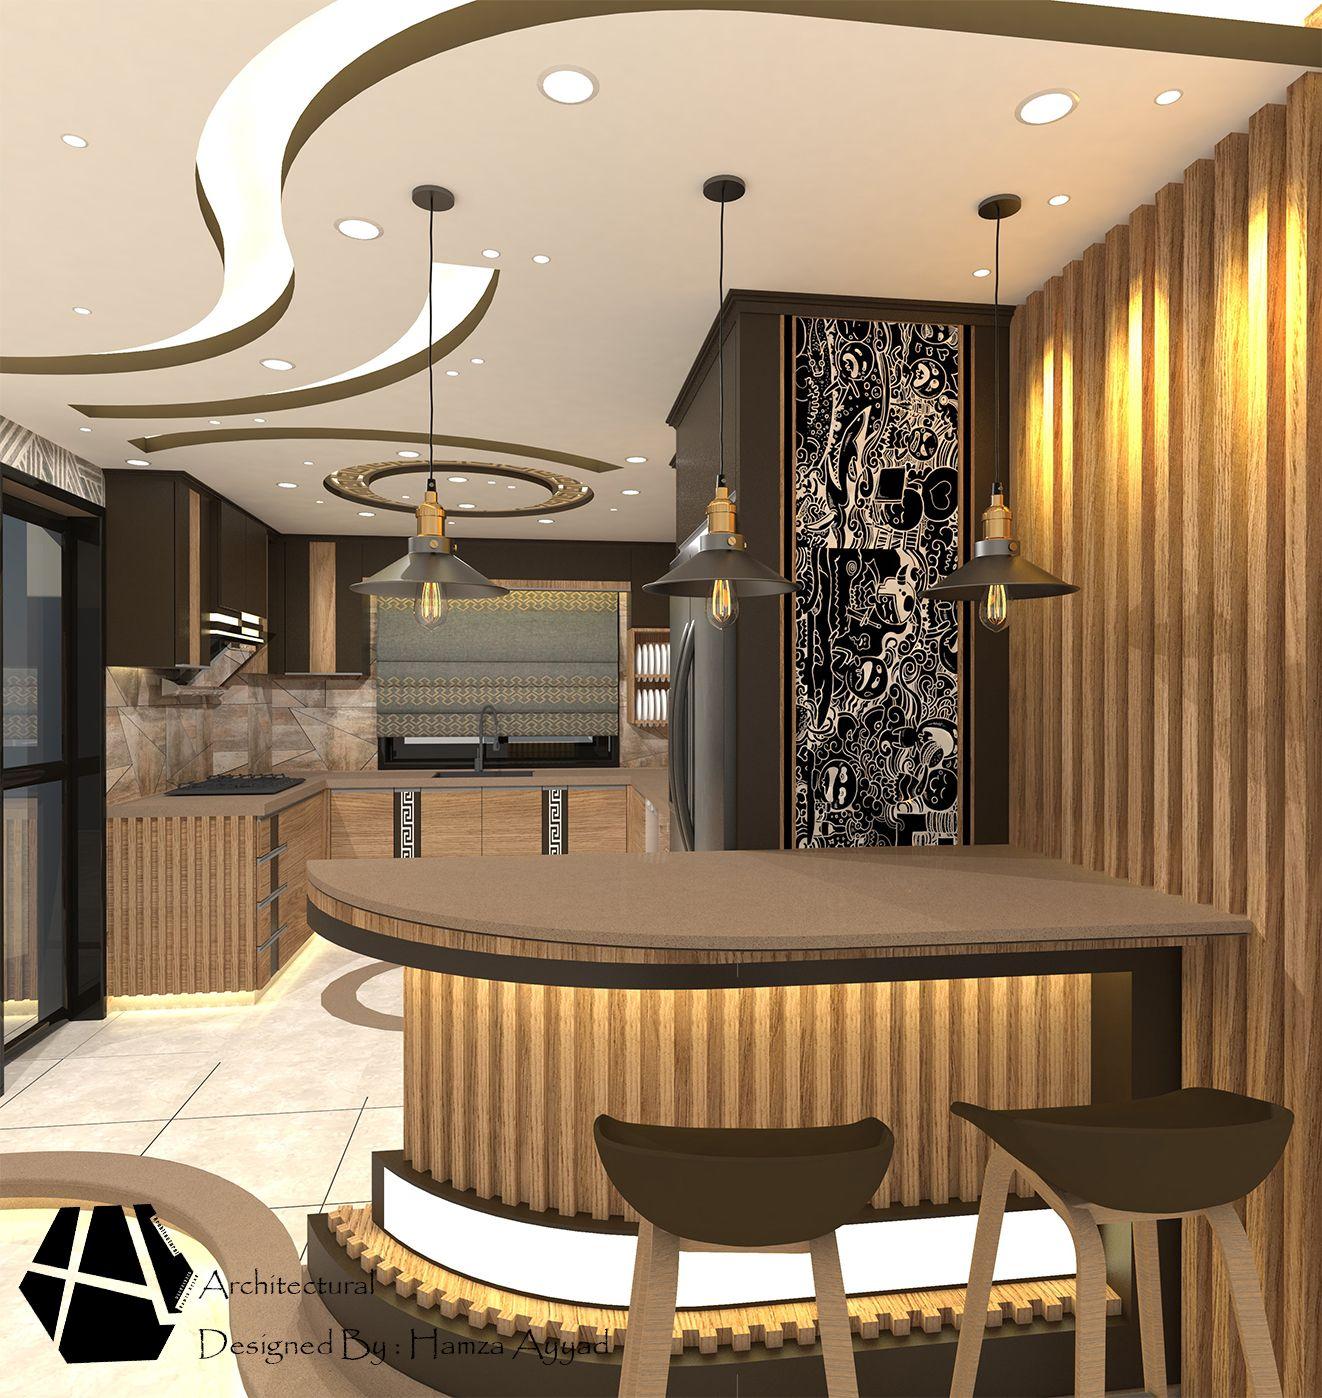 Kitchen Design Kitchen Idea Kitchen Counter Top Counter Top Design Kitchen Counter Decor مطا Home Curtains Sunflower Kitchen Decor Kitchen Design Decor